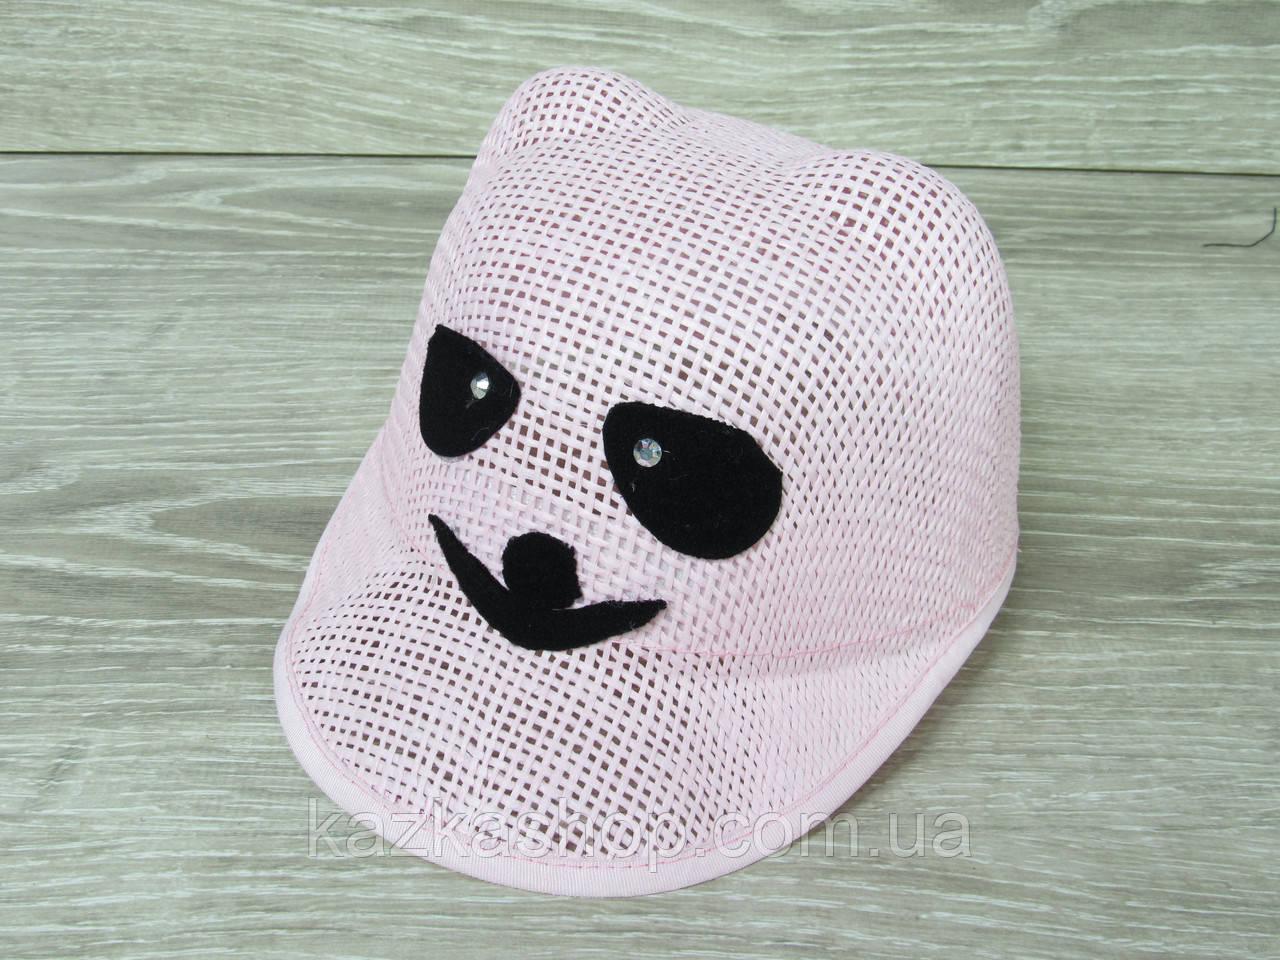 """Детская шляпка-кепка для девочек с ушками, без регулятора, с вставкой """"Панда"""" размер 54"""